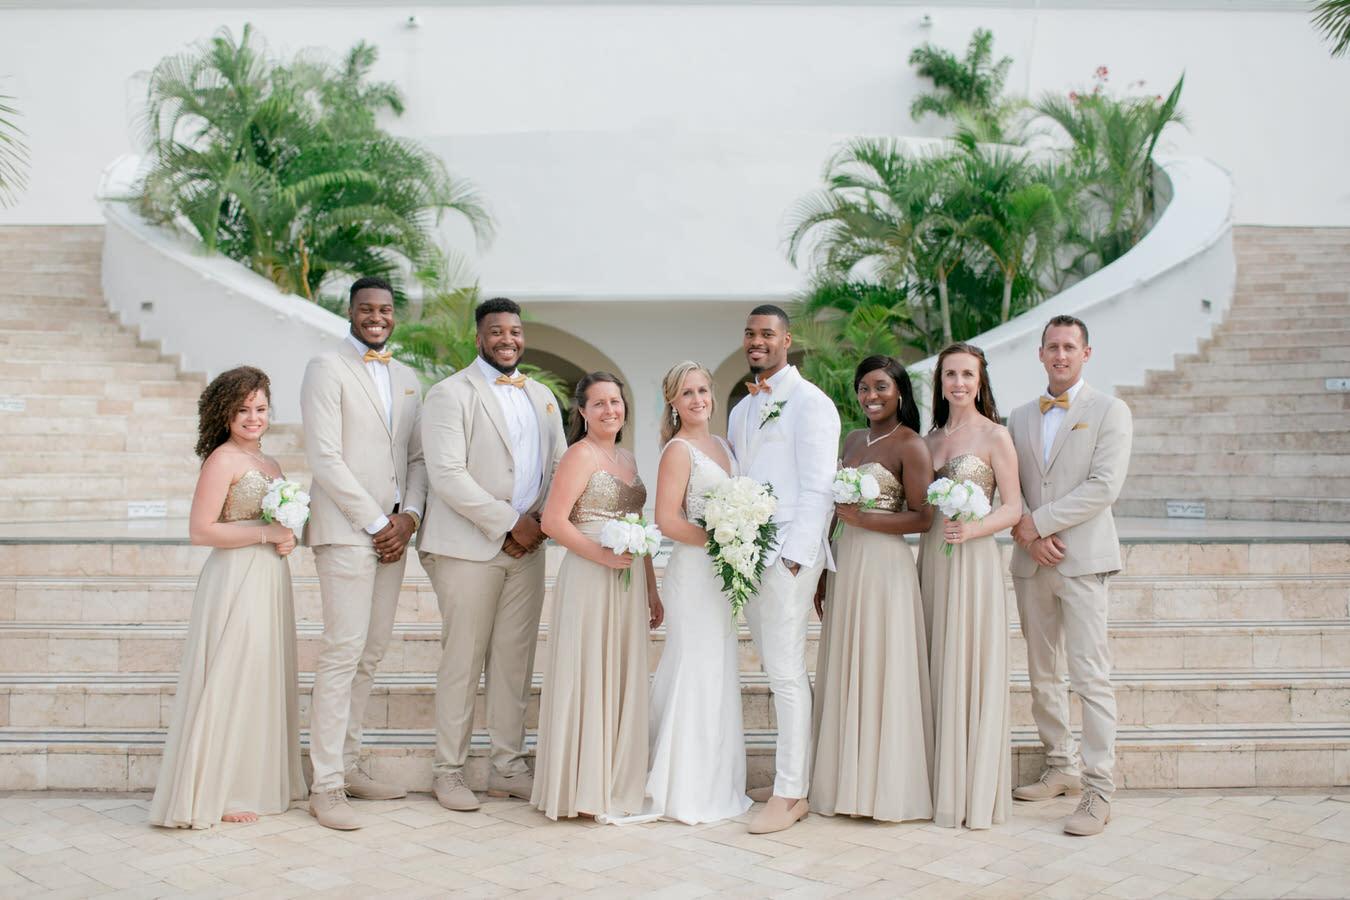 Ashley___Michael___Daniel_Ricci_Weddings_High_Res._Final_0291.jpg